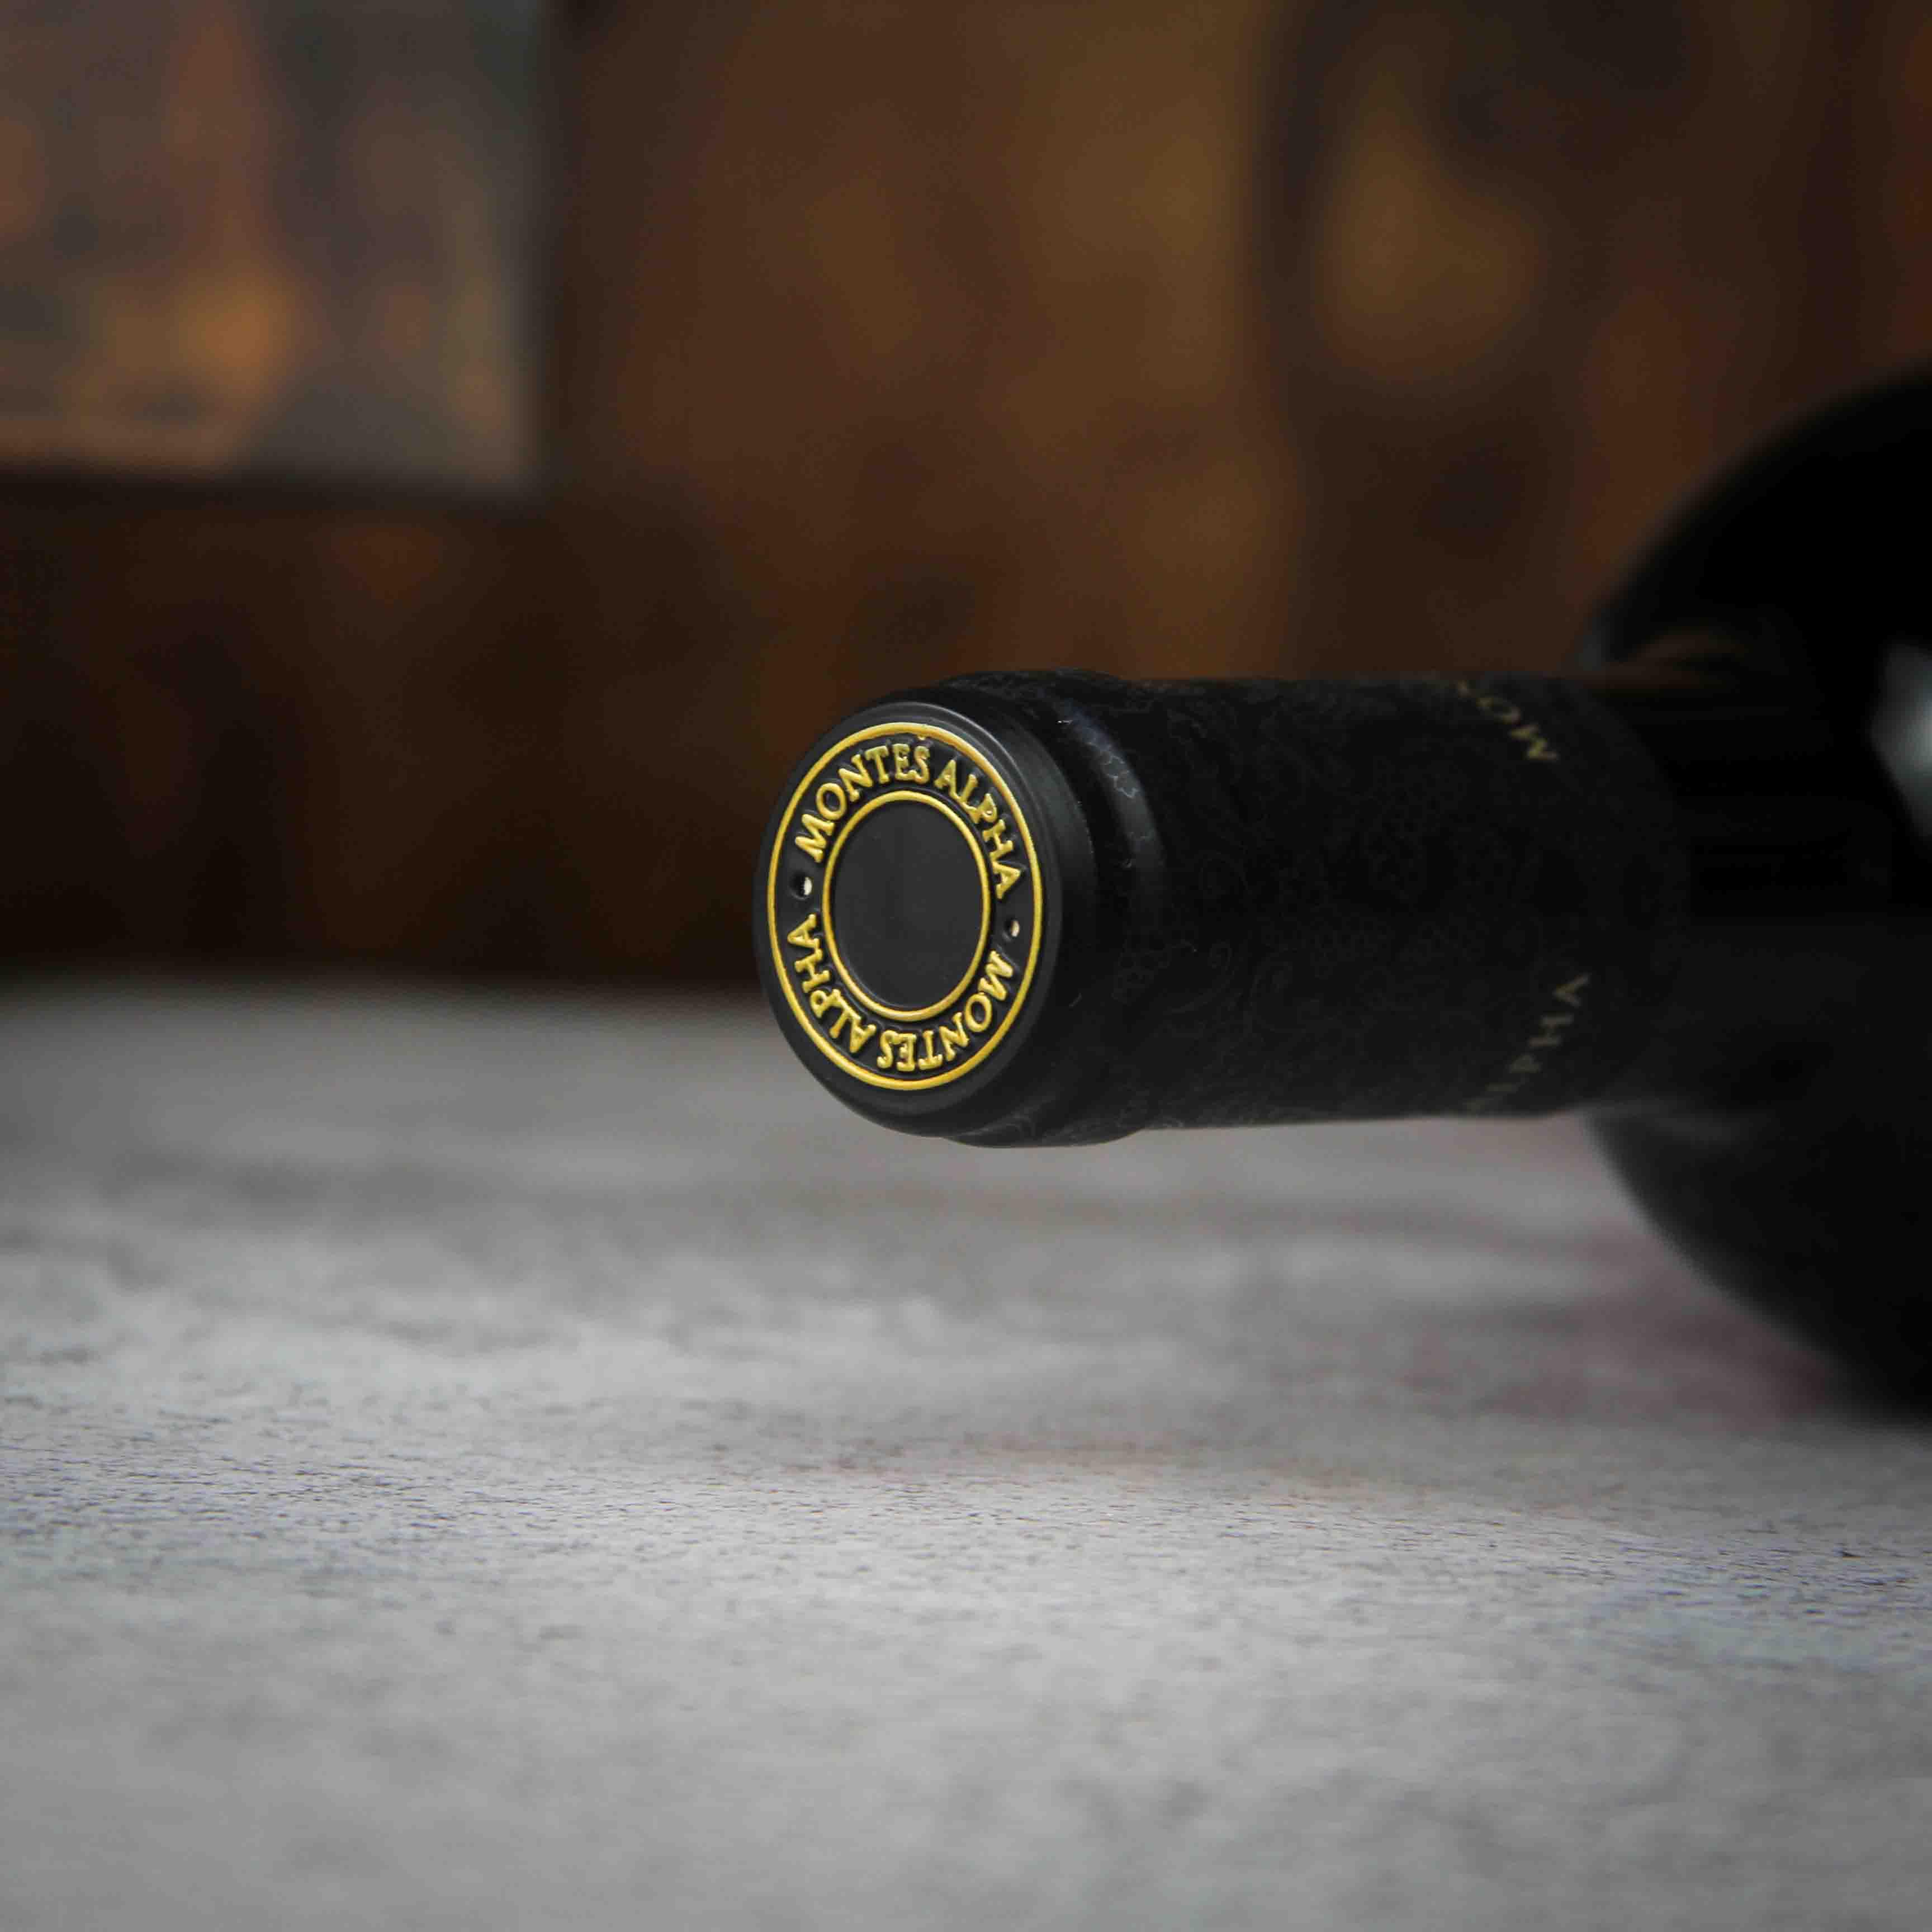 智利阿帕塔谷和玛琪格Marchigu蒙特斯欧法黑金赤霞珠干红葡萄酒